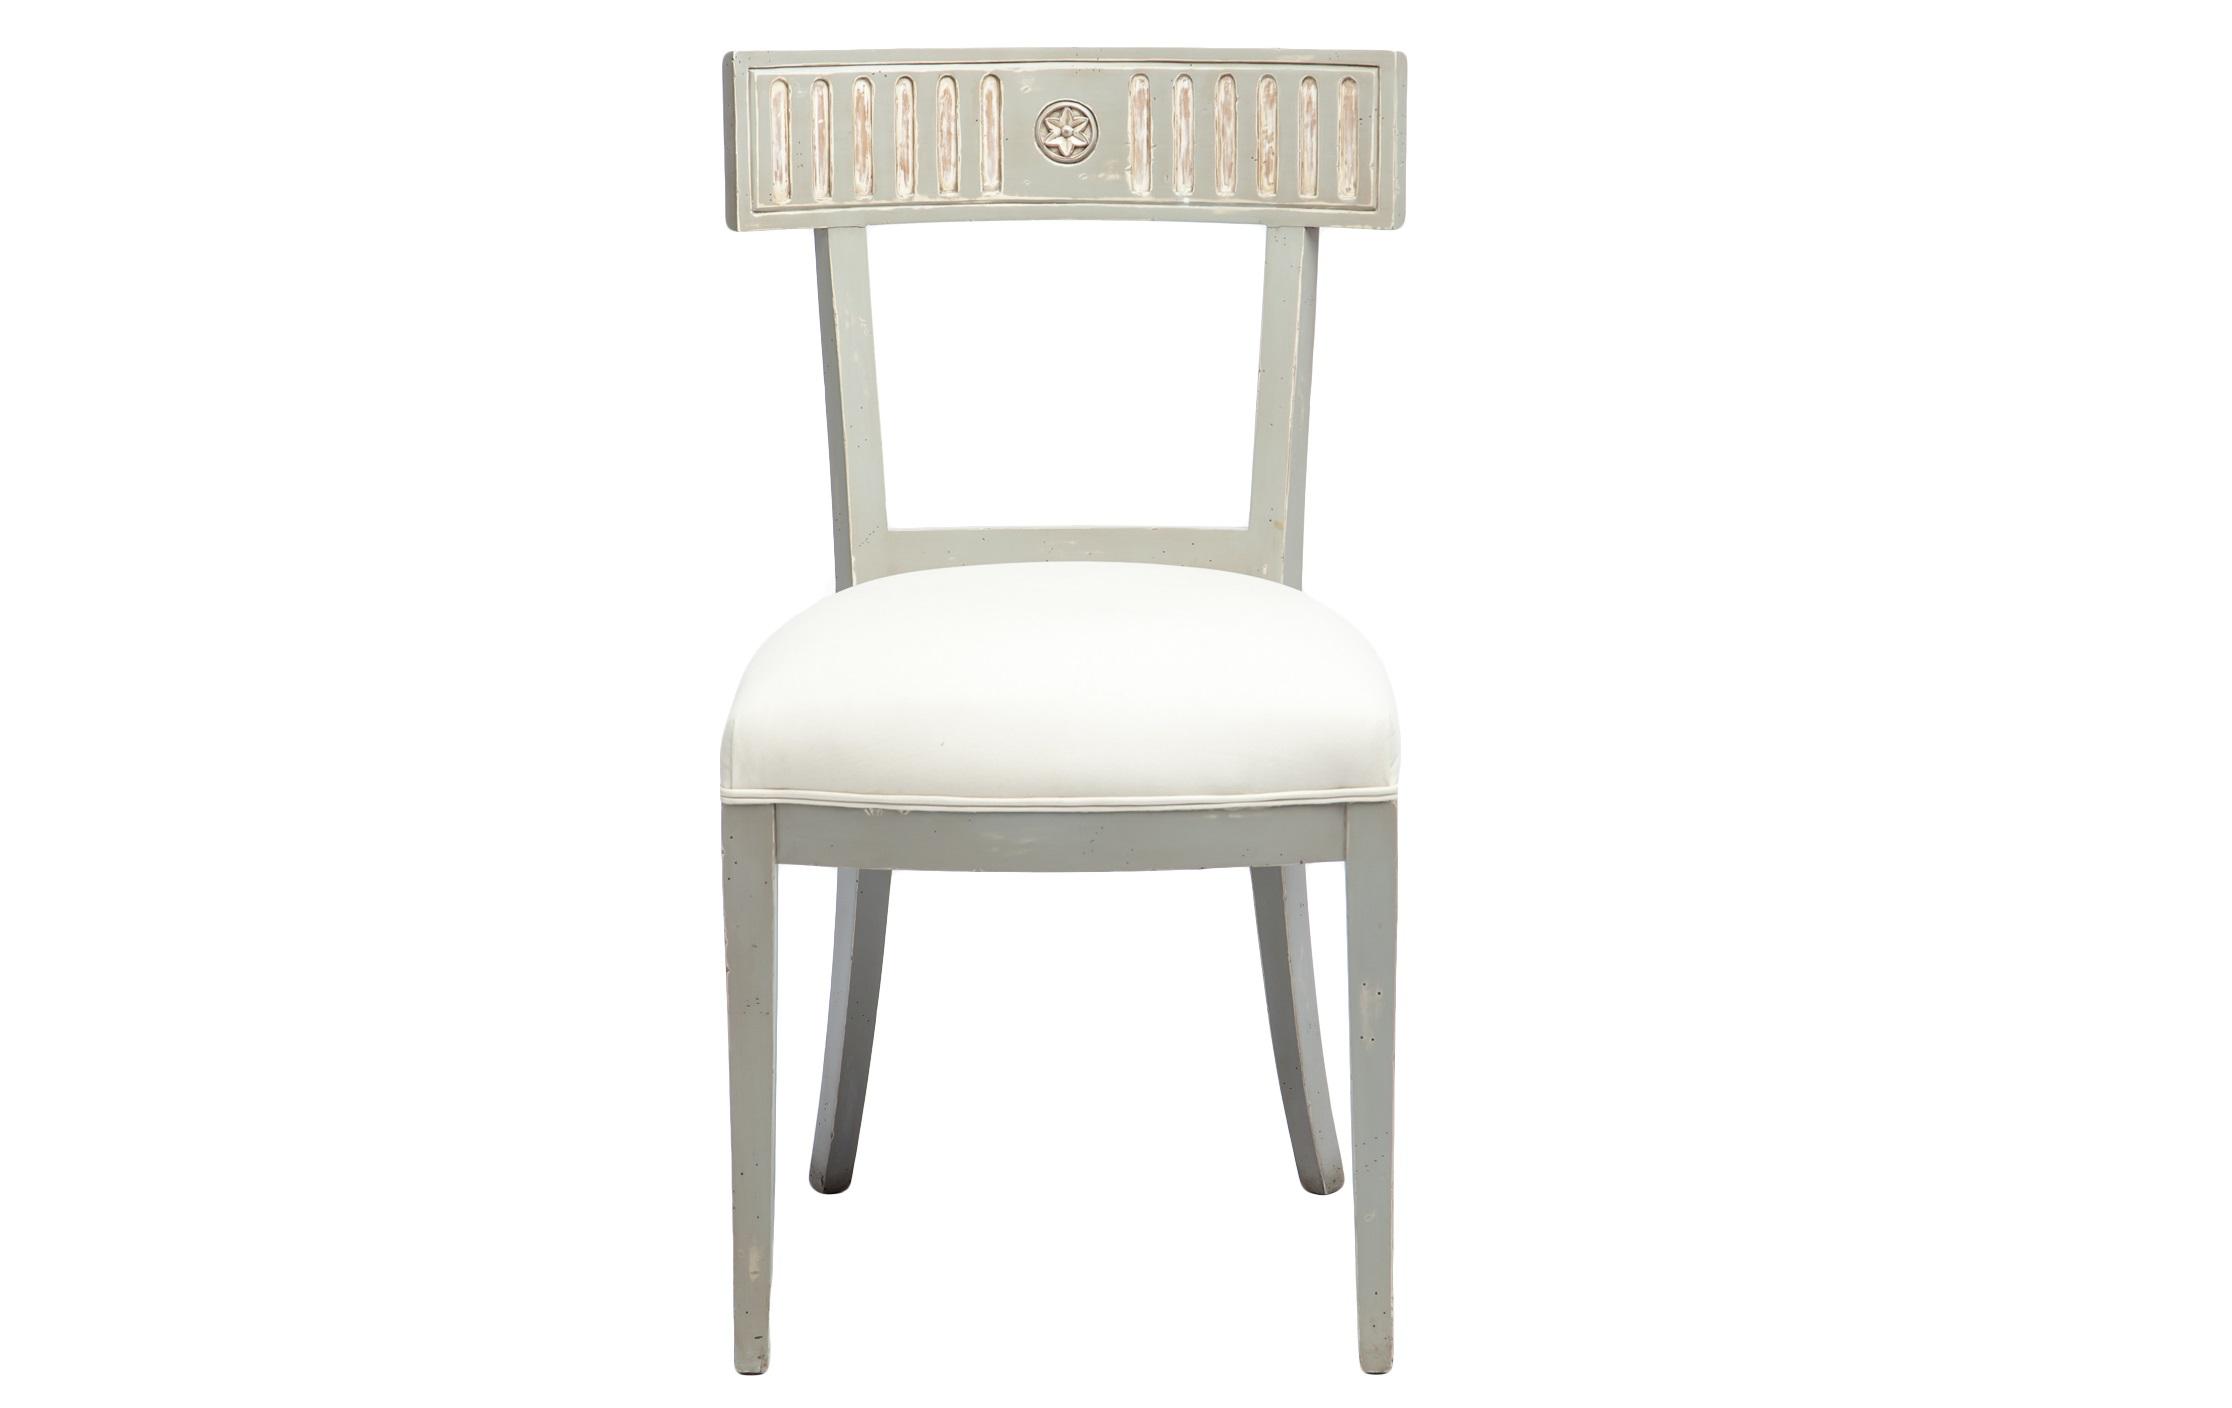 Стул БастилияОбеденные стулья<br>Стул в стиле прованс, декорированный патиной и старением. Обивка однотонная.<br><br>Material: Красное дерево<br>Width см: 53<br>Depth см: 50<br>Height см: 93